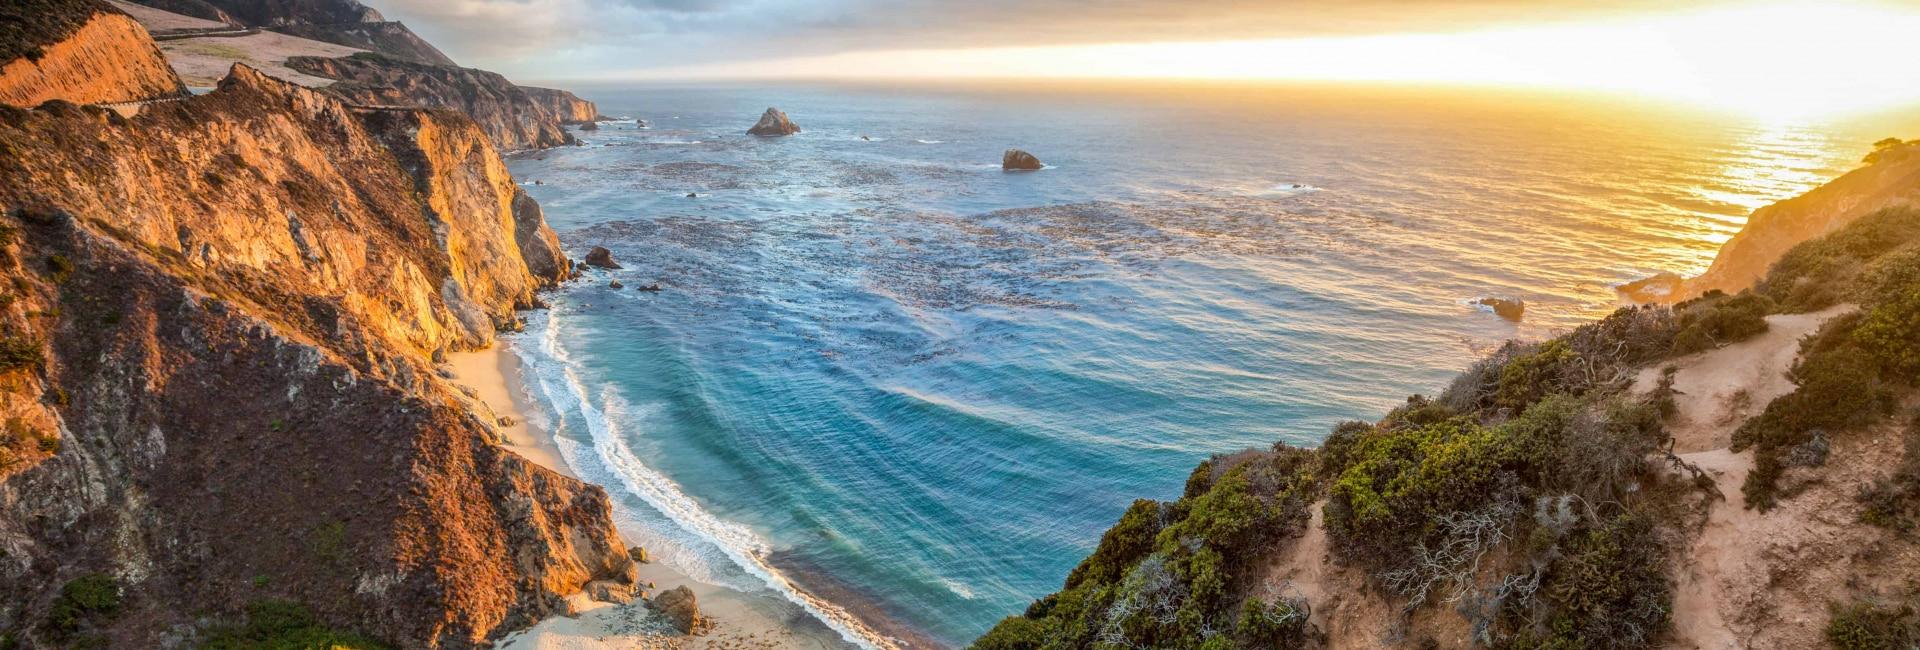 Kystlinjen ved Monterey i Californien